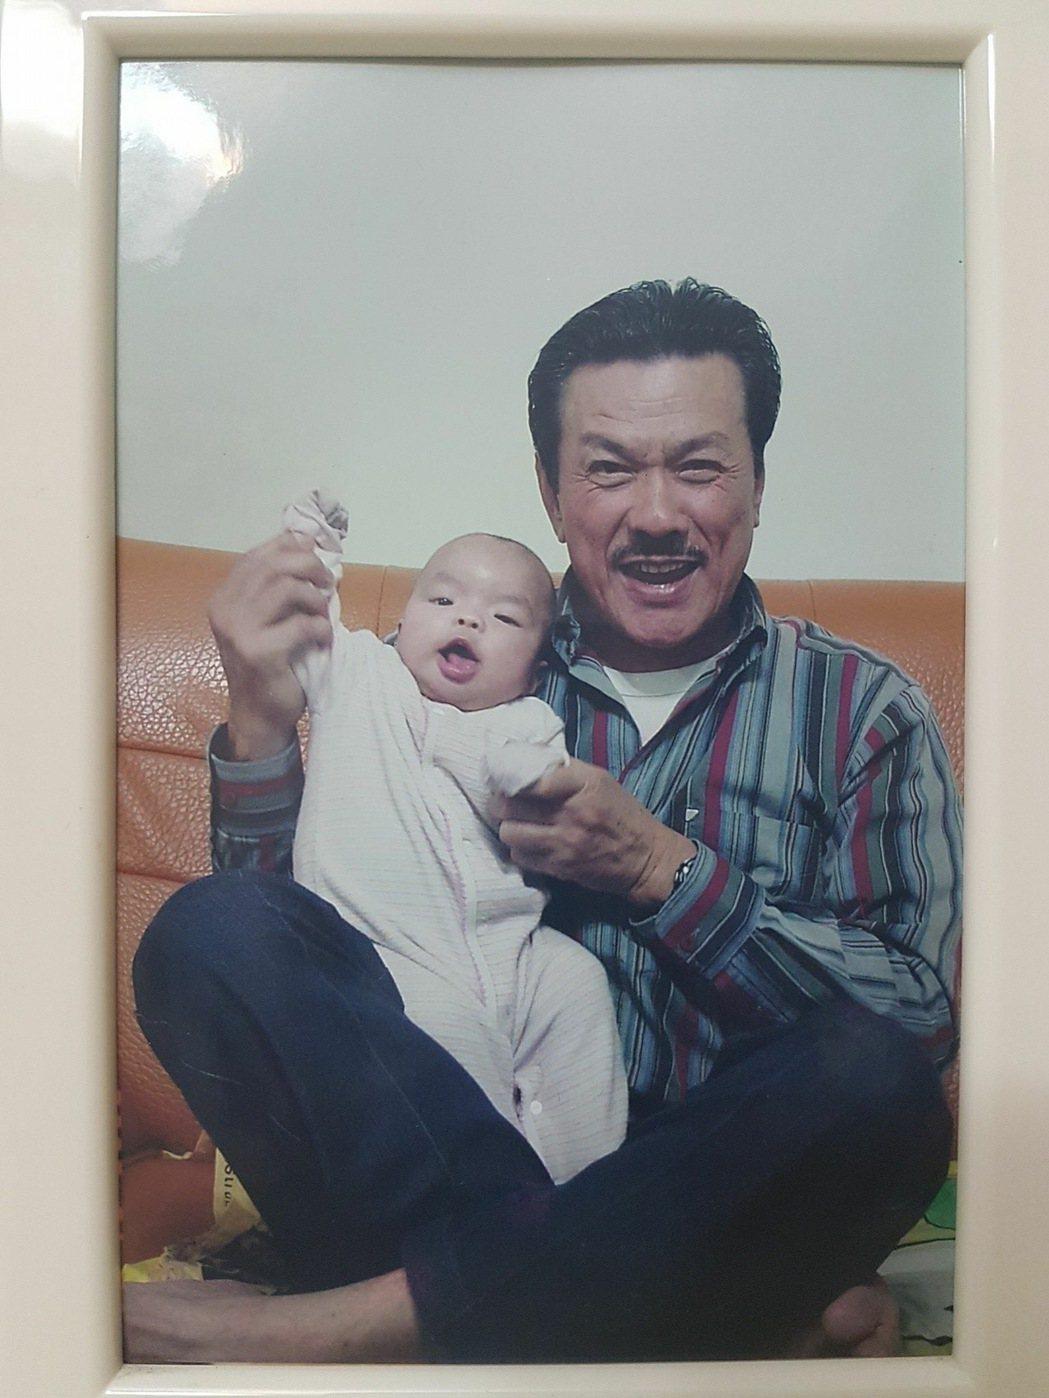 謝金晶公開小時候被爸爸抱在腿上的照片。圖/摘自謝金晶臉書